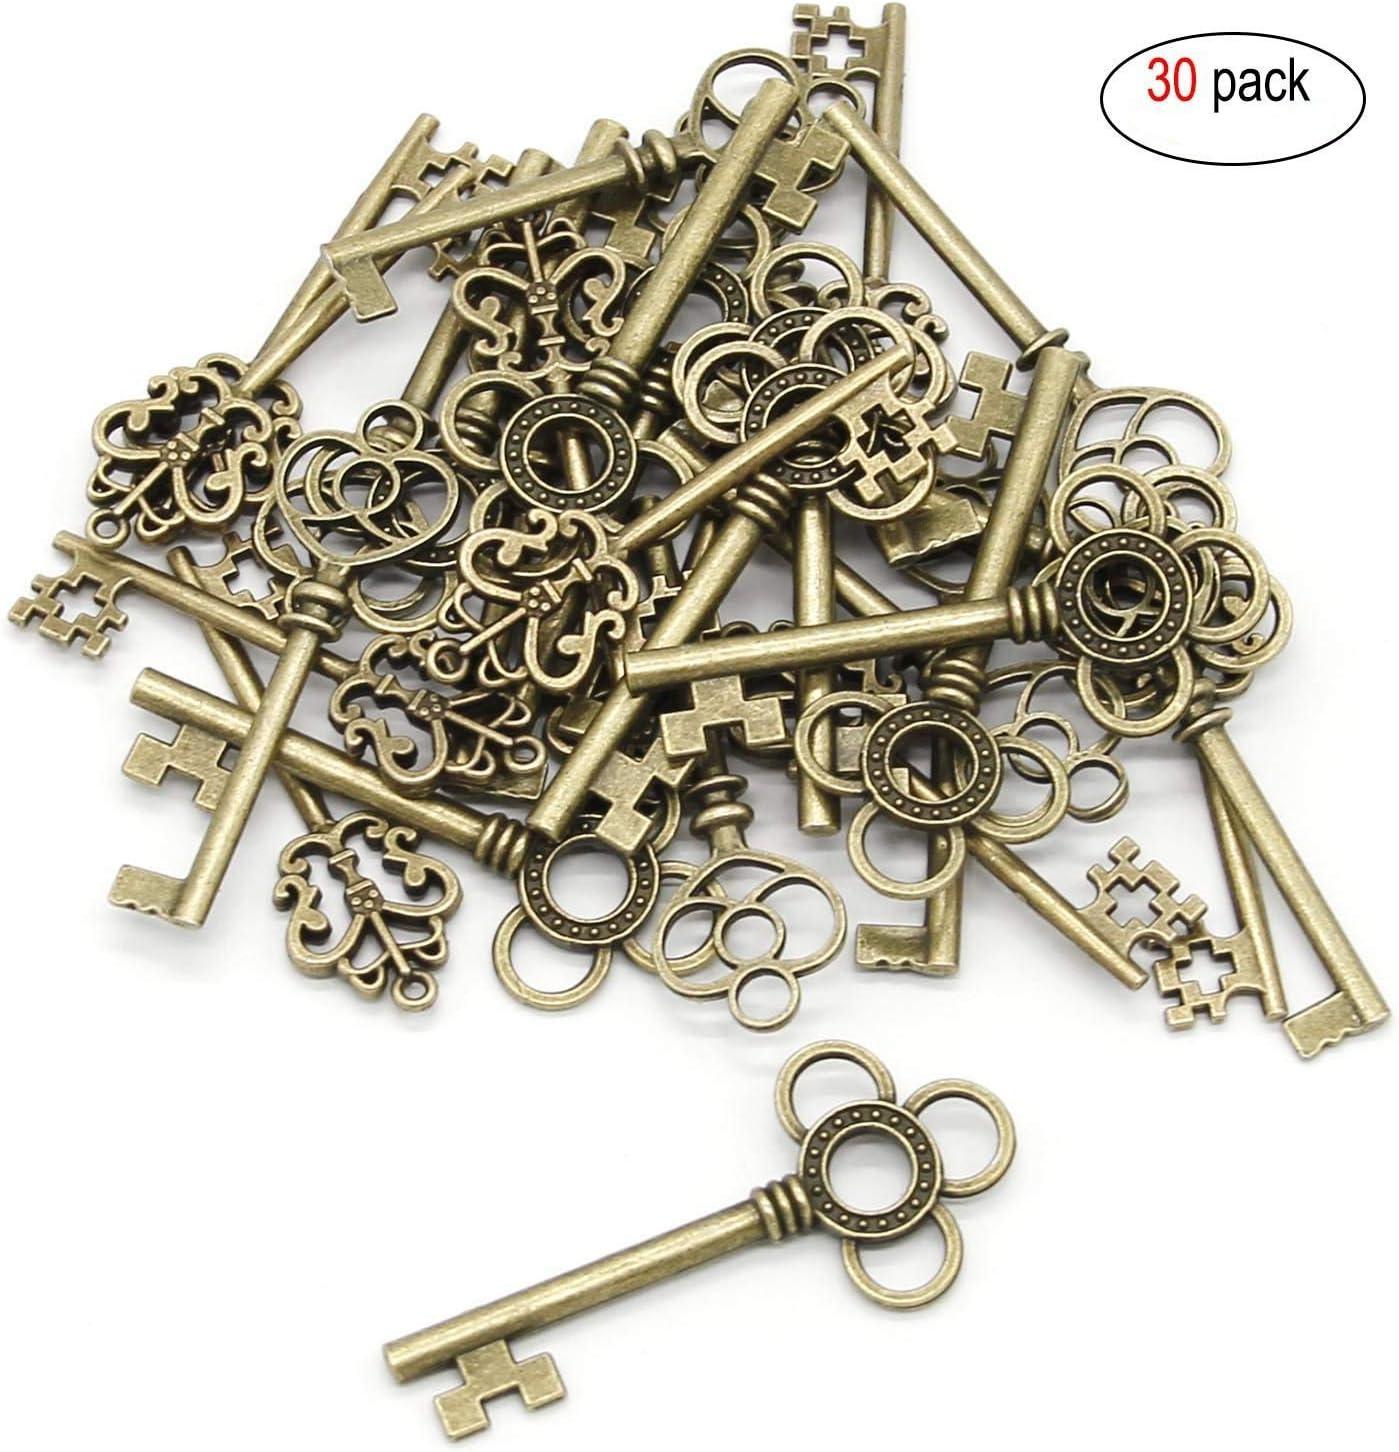 Llaves grandes de bronce con esqueleto, juego de 30 llaves de bronce envejecido, llavero mezclado, colgante vintage para bisutería